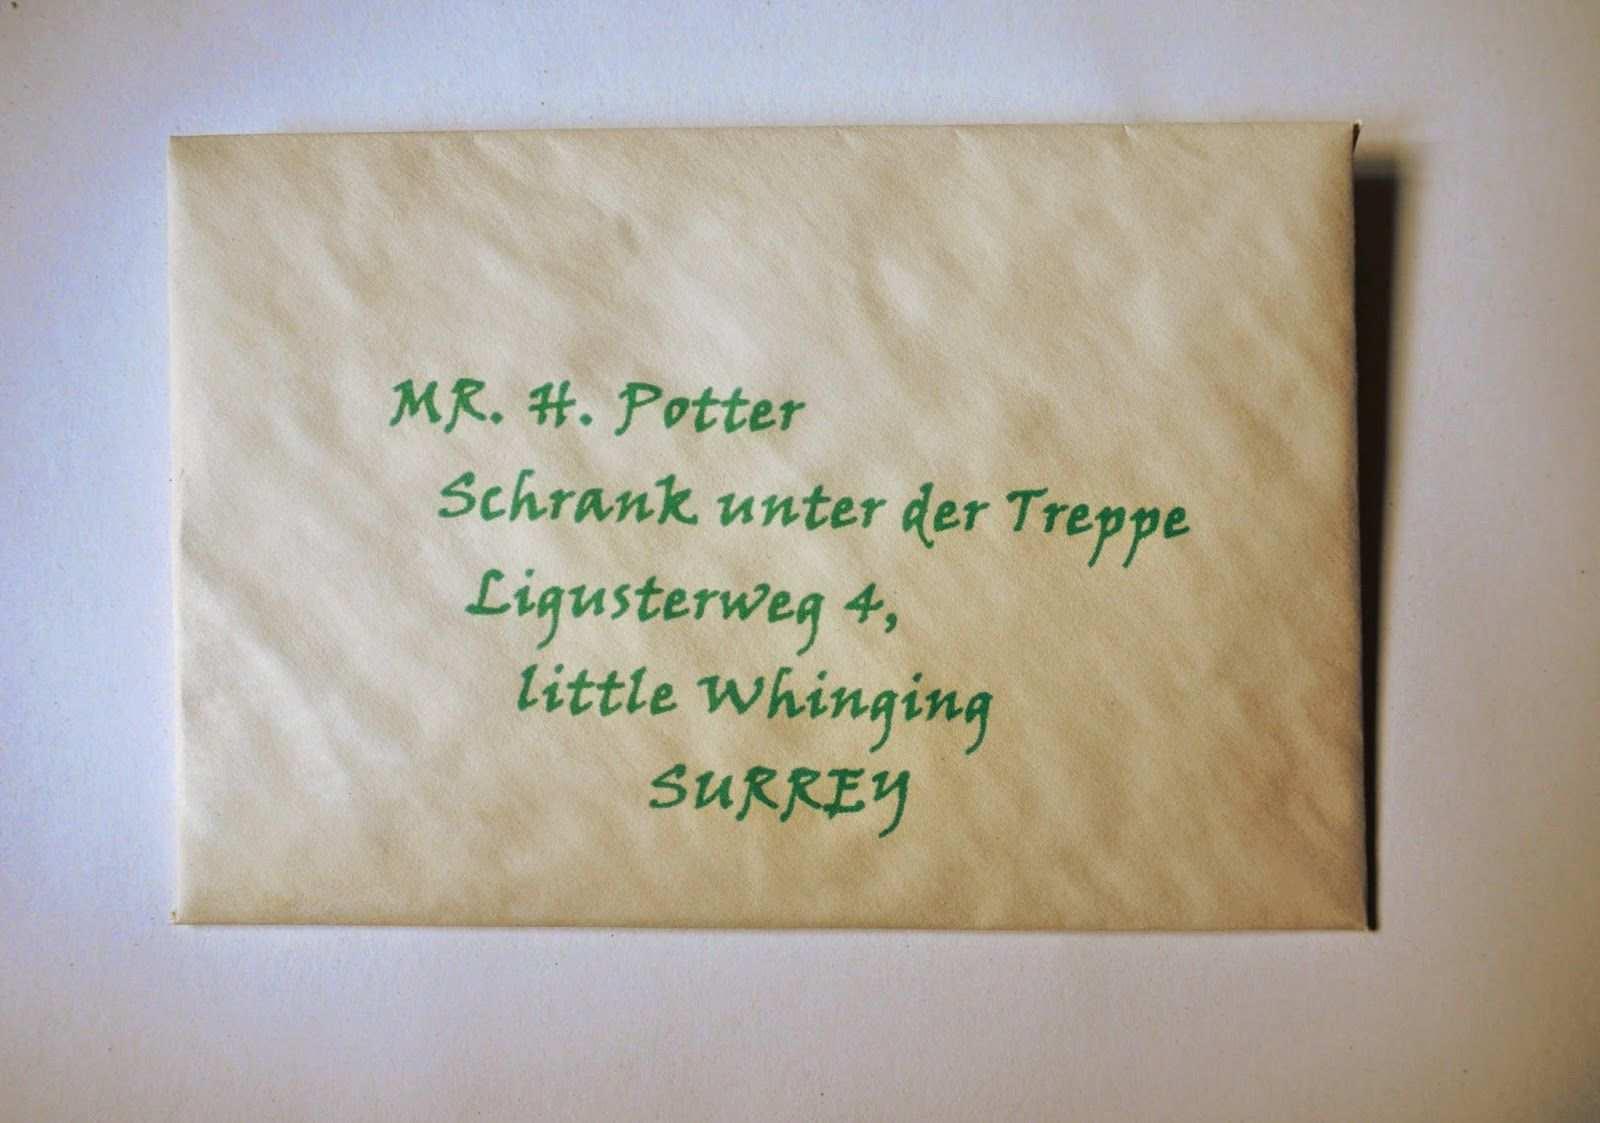 Harry Potter Brief Umschlag Anschrift Jpg 1600 1123 Einladungskarten Zum Ausdrucken Hogwarts Brief Einladungen